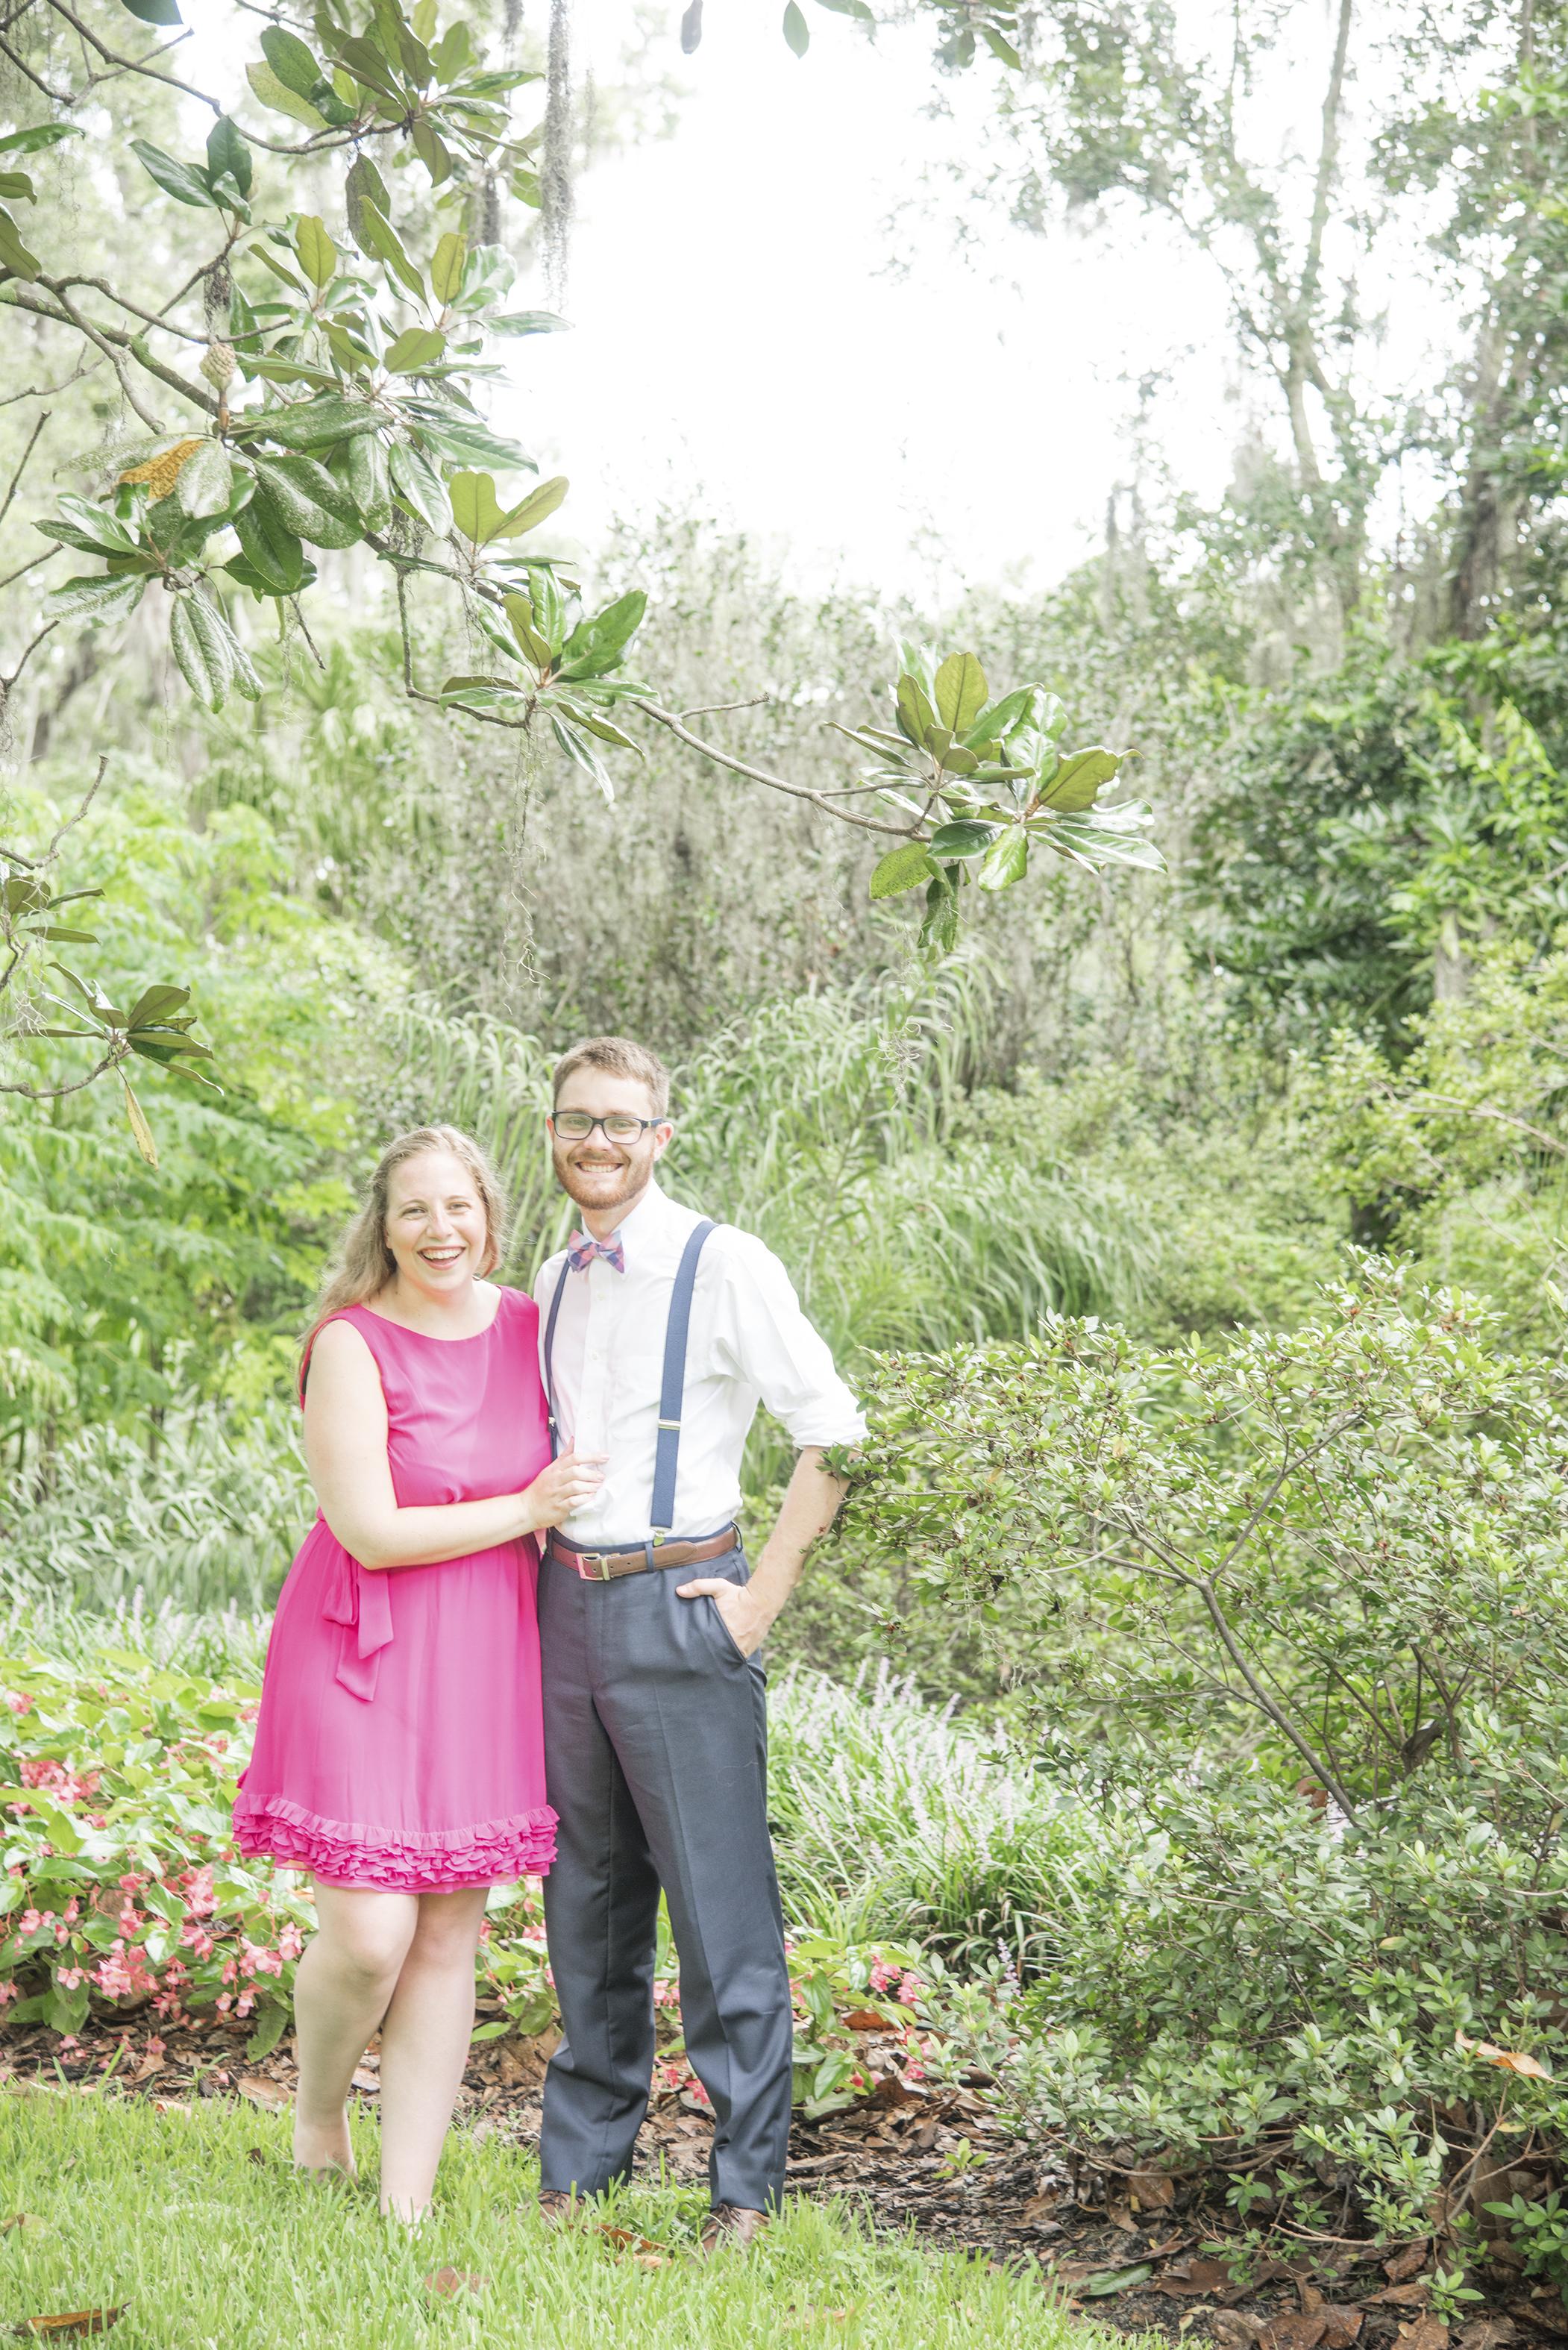 AmandaAndMatt_Engaged-47-copy.jpg